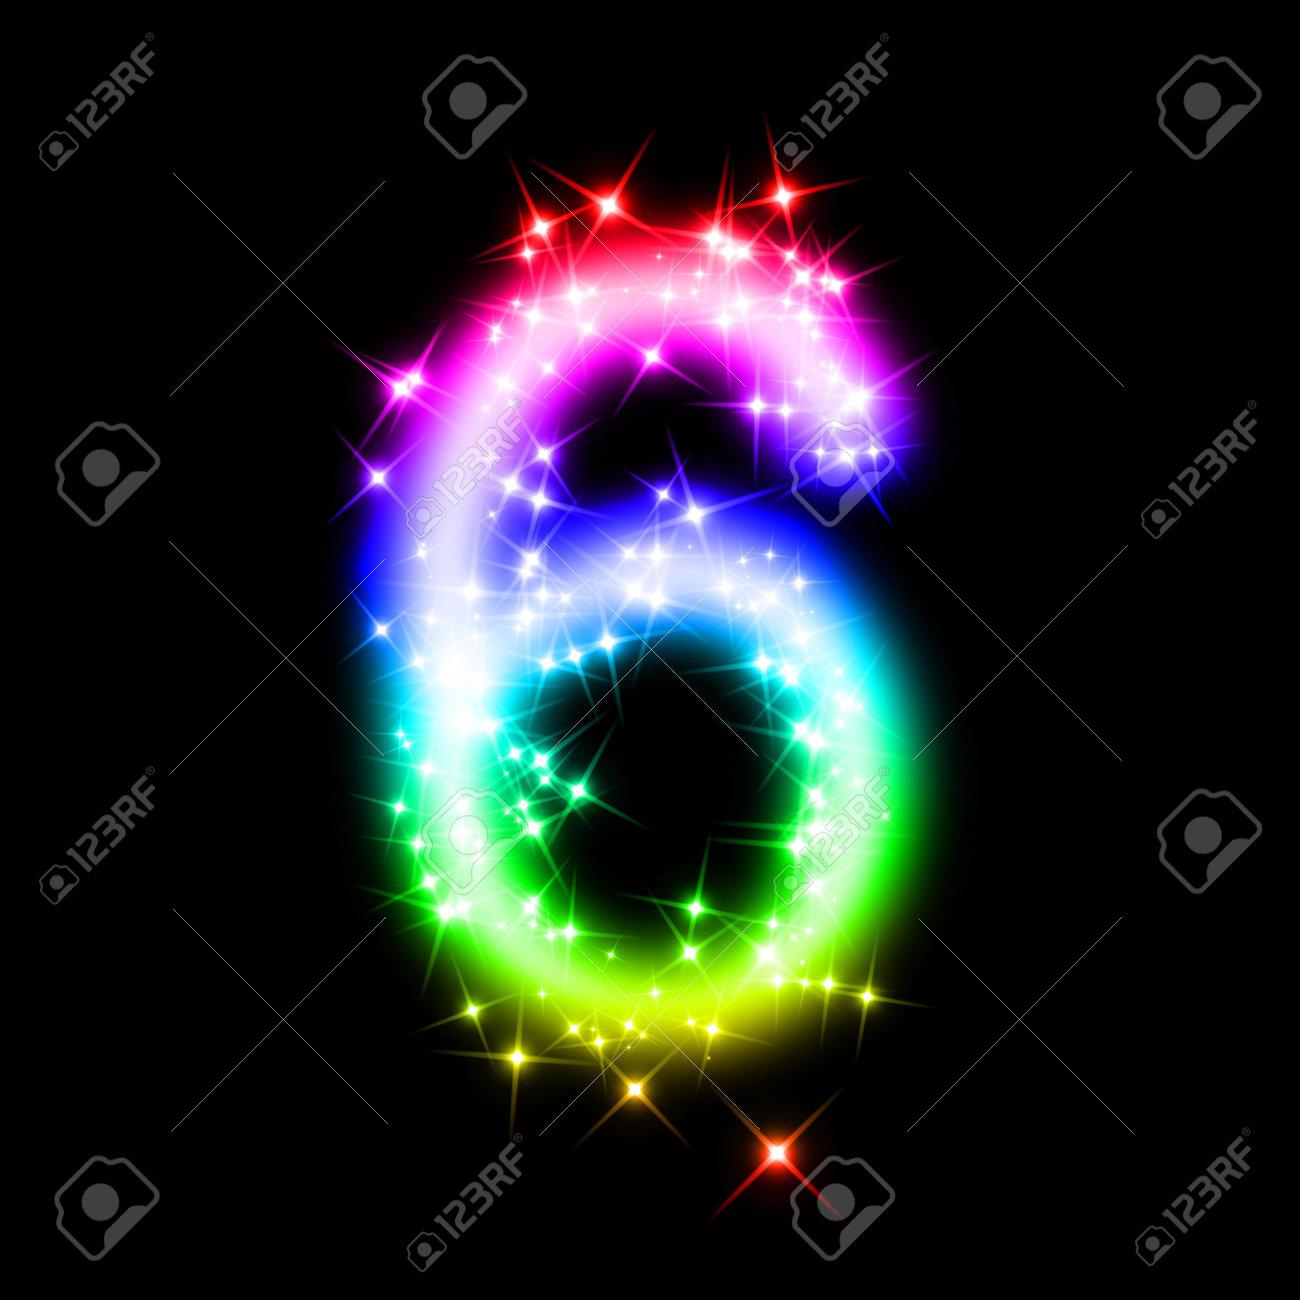 キラキラ数 6 ロイヤリティーフリーフォト ピクチャー 画像 ストック